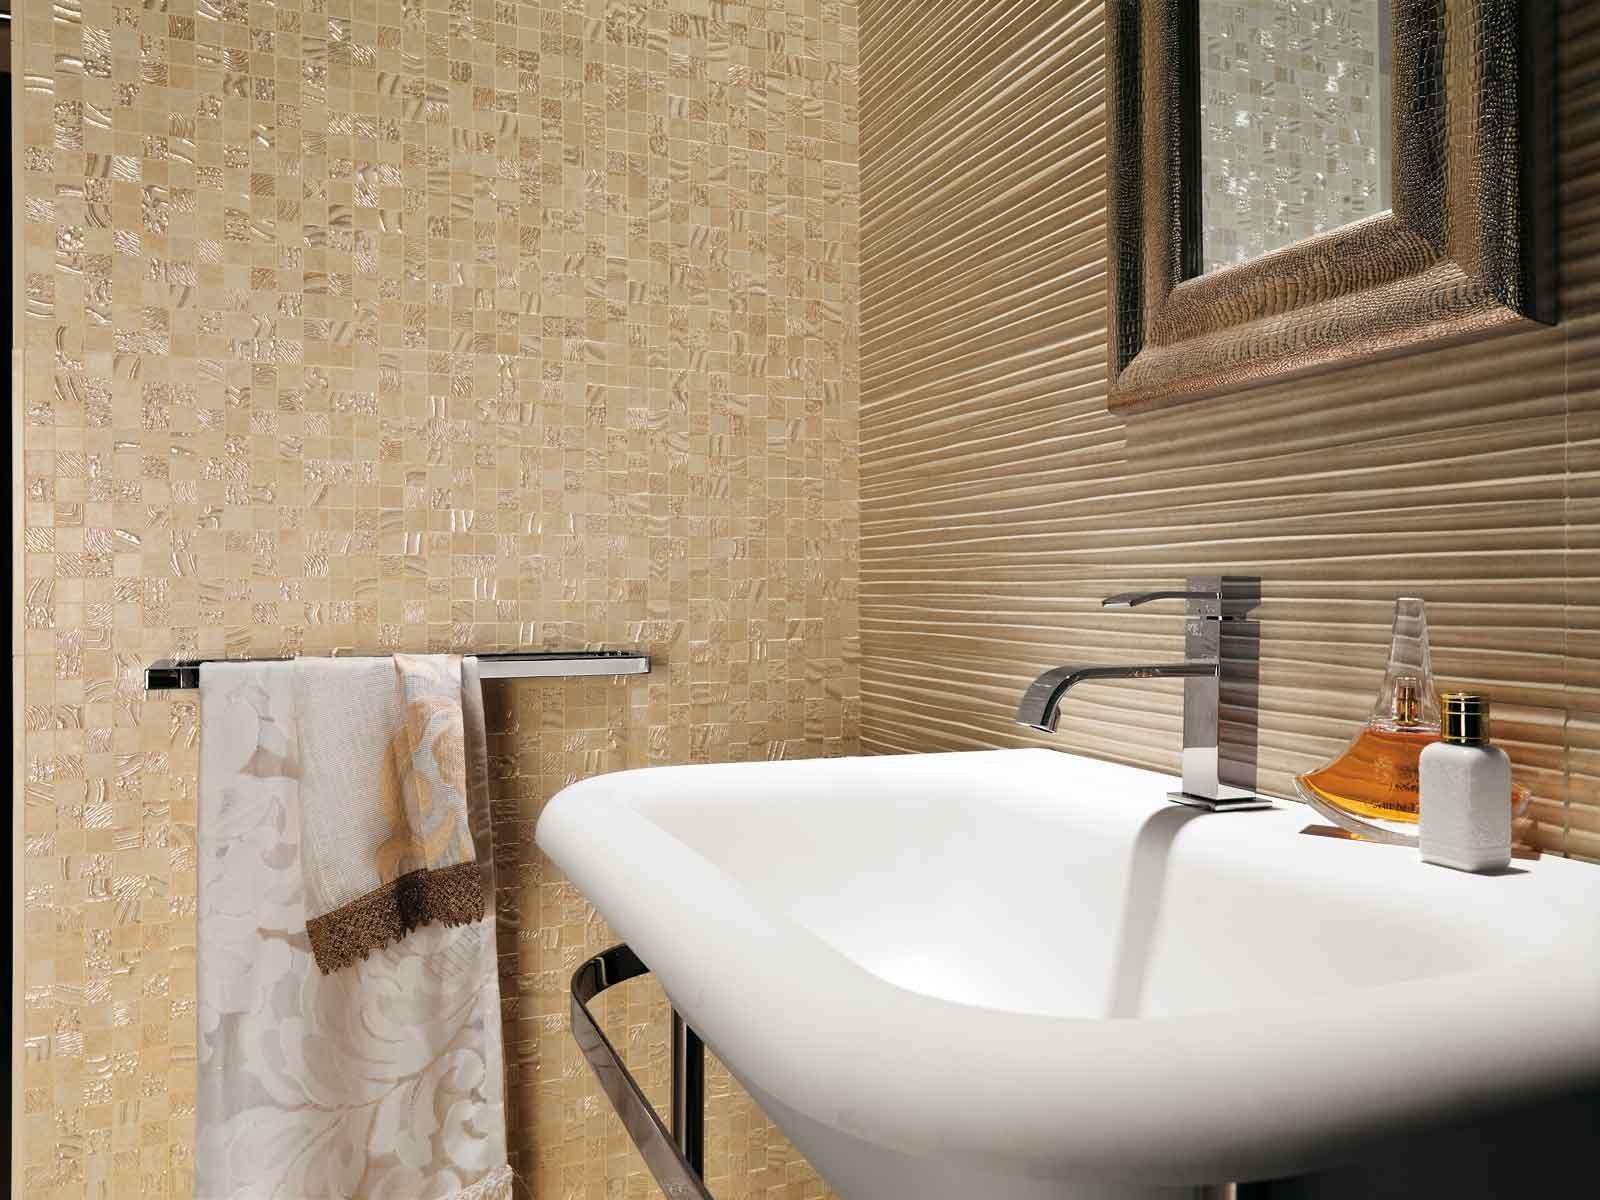 Piastrelle come risolvere gli angoli cose di casa - Mosaico con piastrelle ...